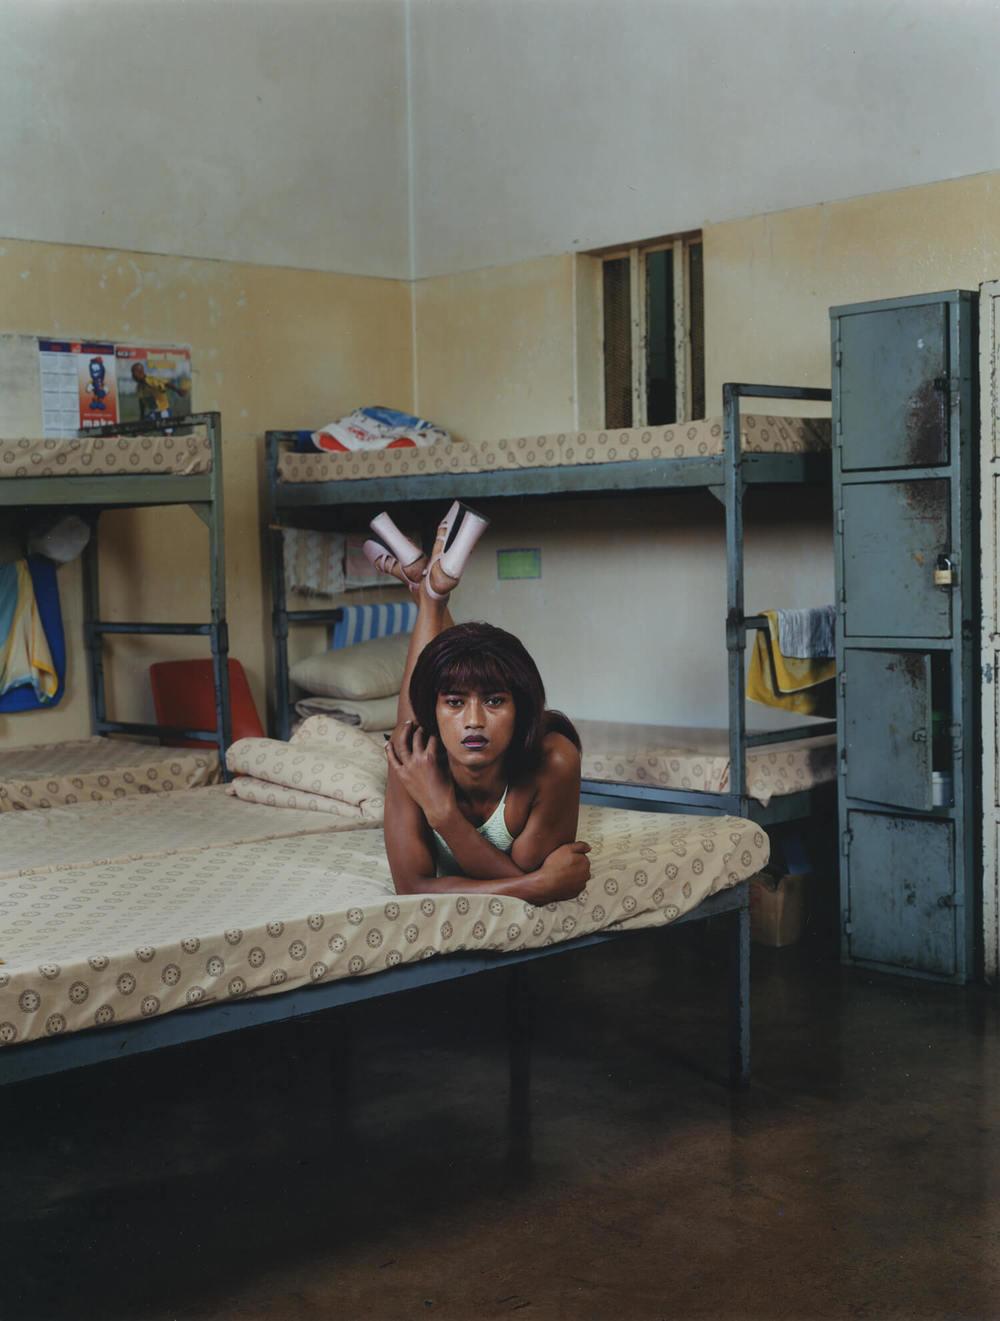 Pollsmoor Maximum Security Prison, South Africa, C-type print, 16 x 20 inches, 2003